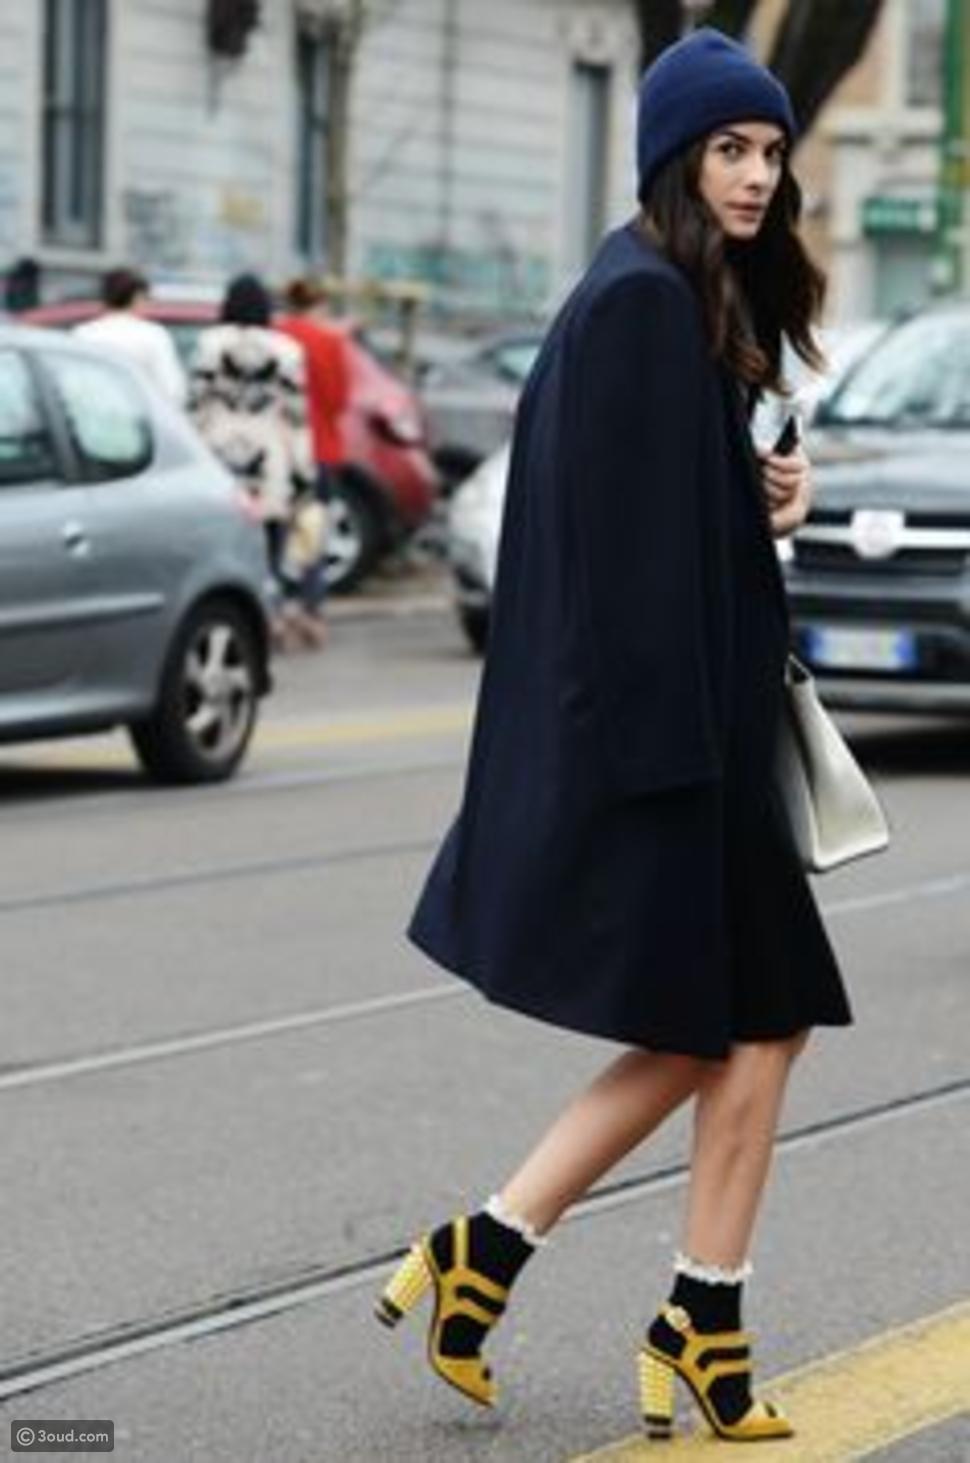 بعين محررة موضة: هذه هي أبرز صيحات الستريت ستايل من باريس